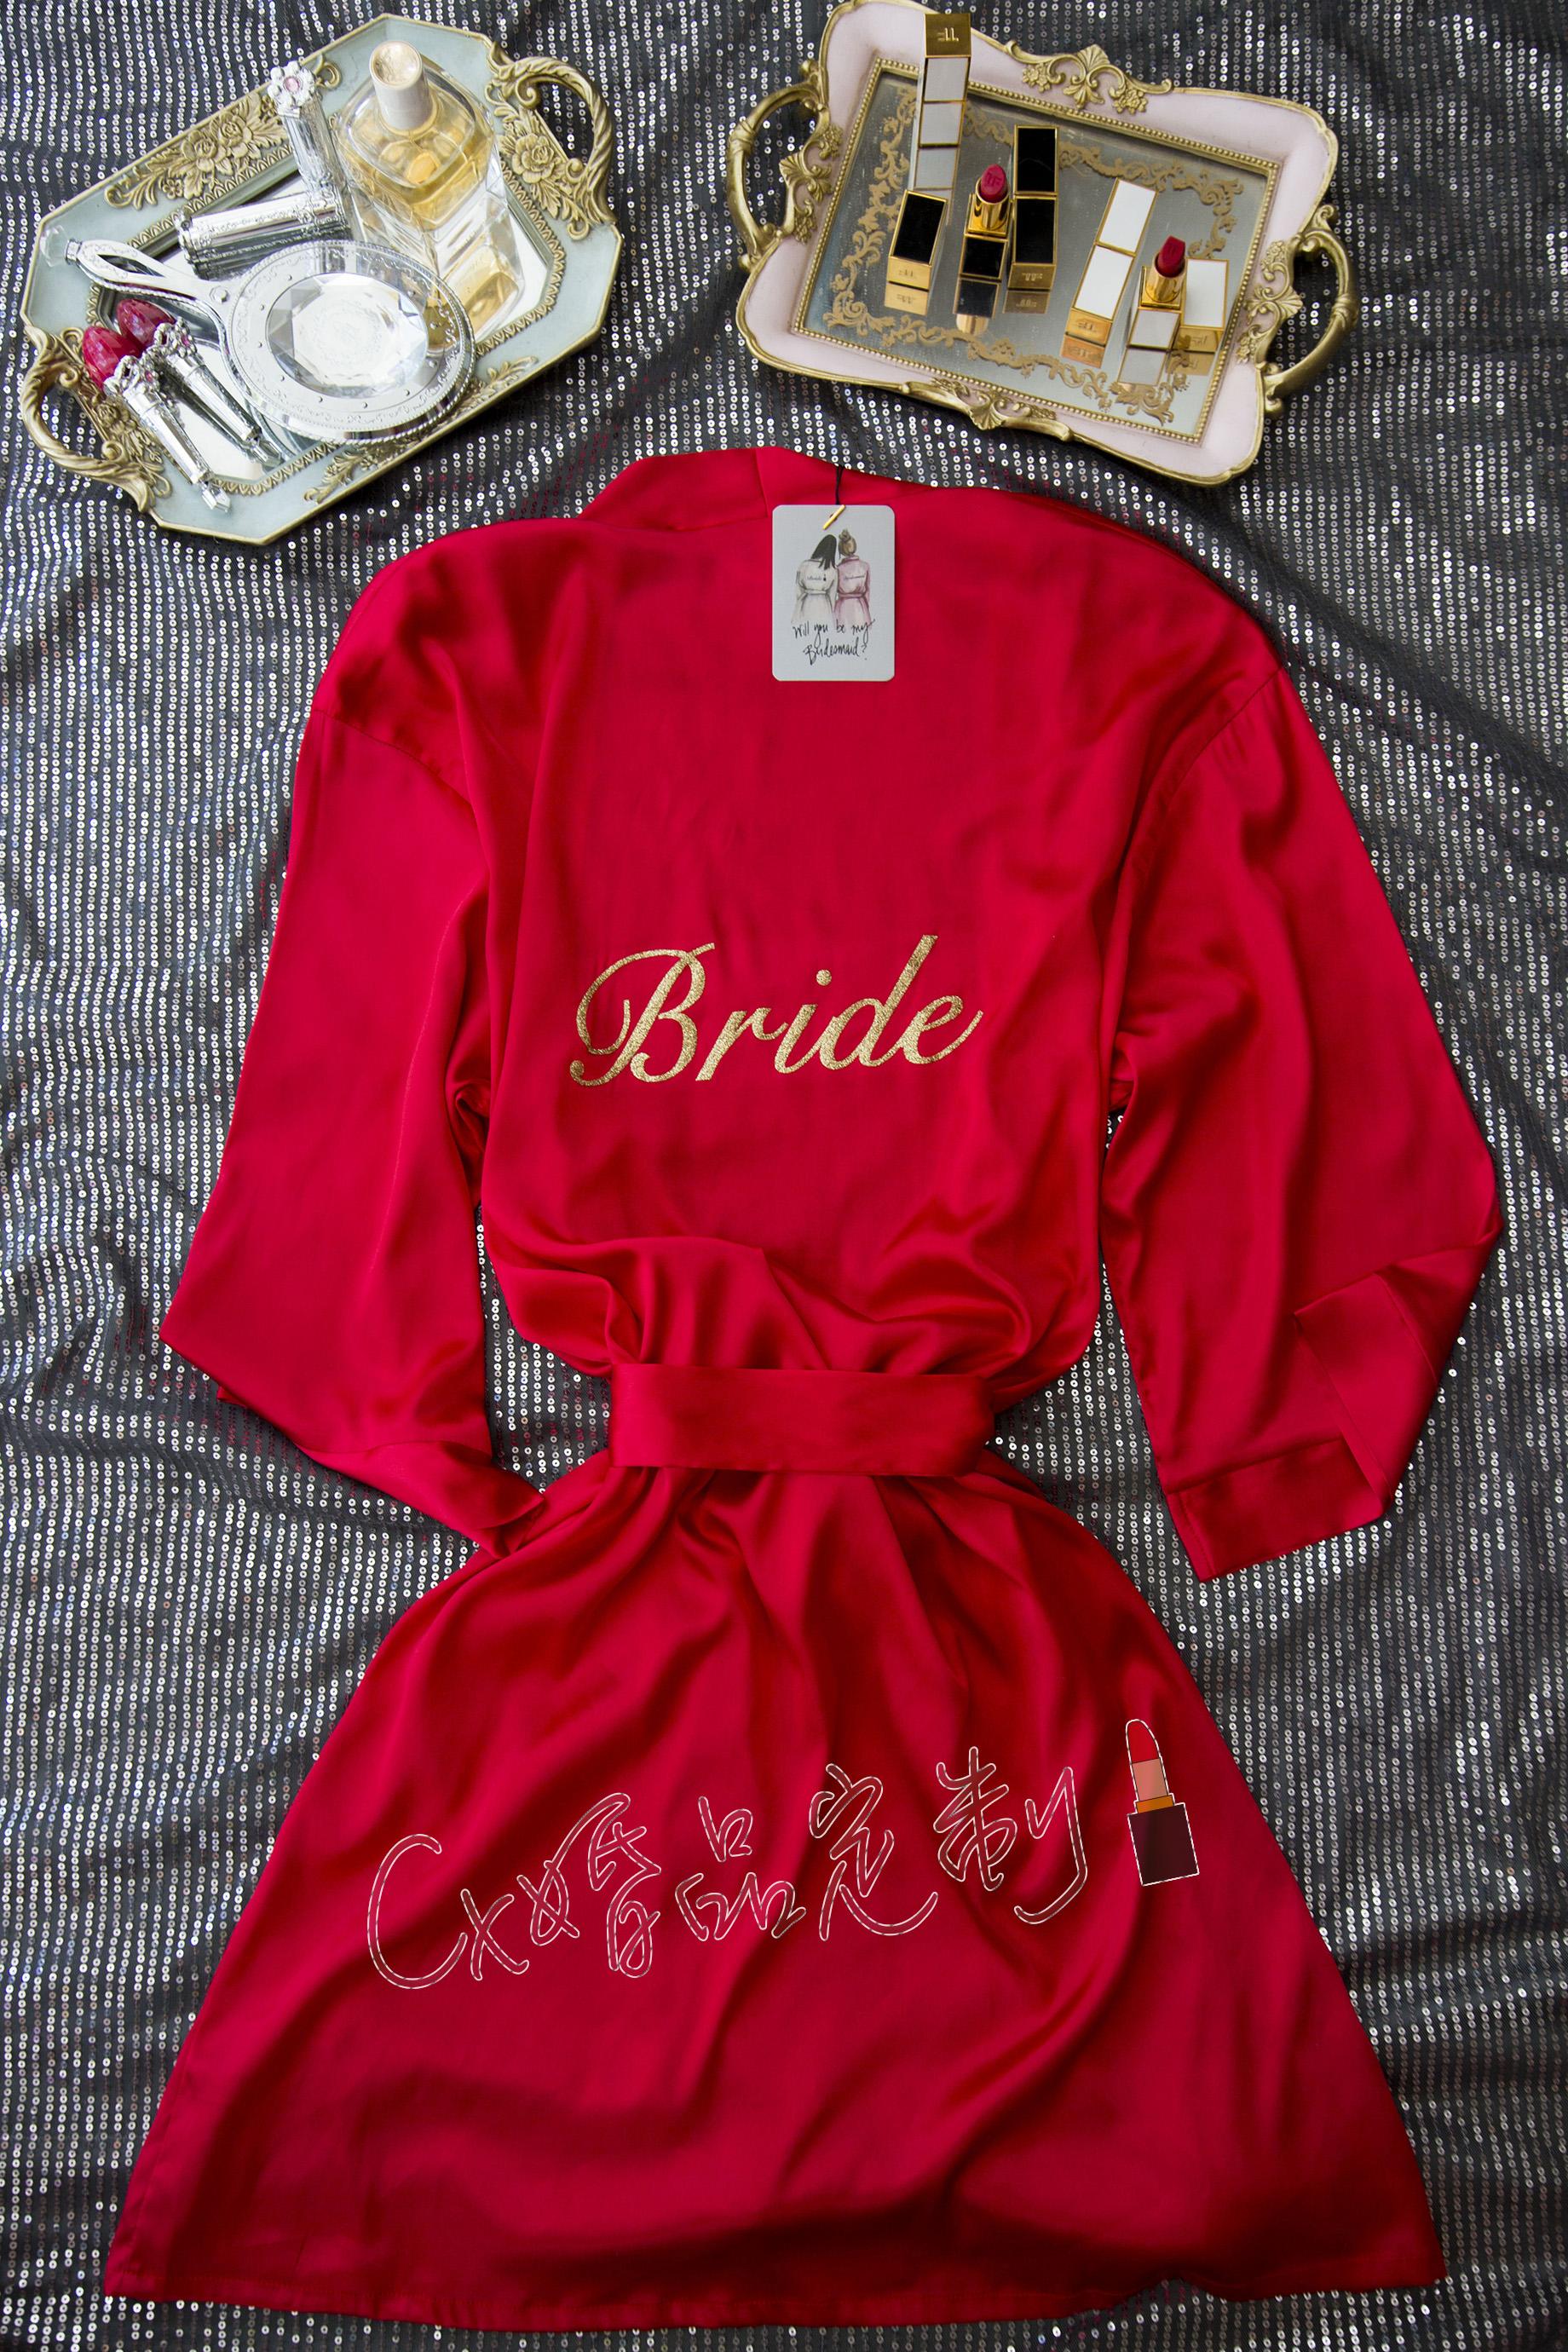 Сейчас в надичии утро платье красный уже прибытия автозагар Bride невеста пижама халаты подруга качели бить составить ночное белье